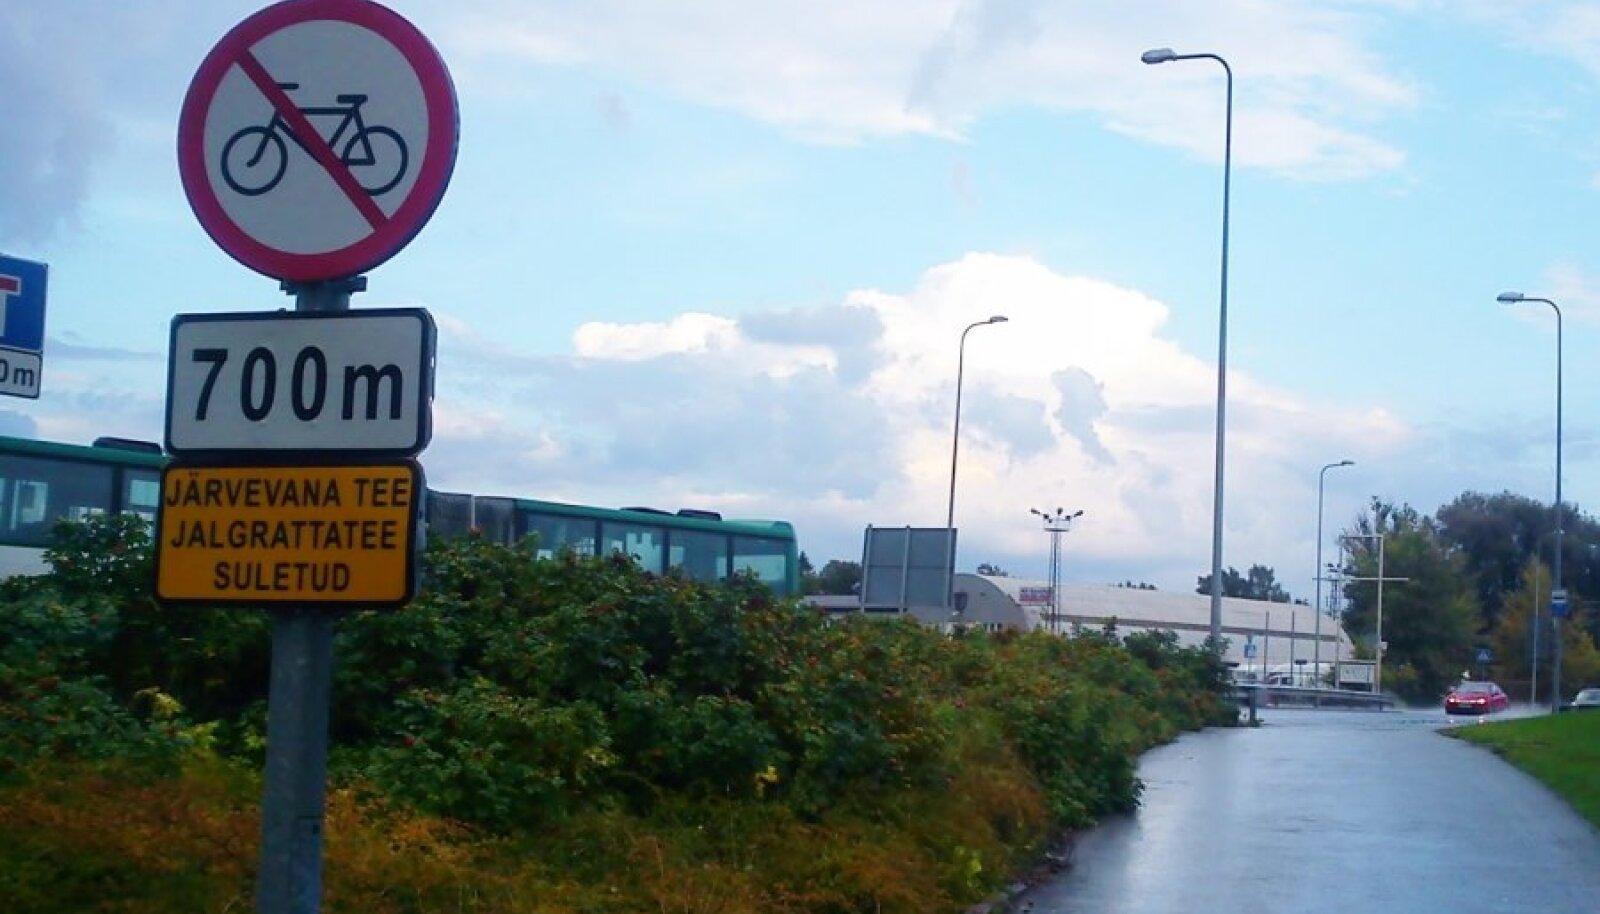 Järvevana tee jalgrattateel ei tohi jalgrattaga sõita